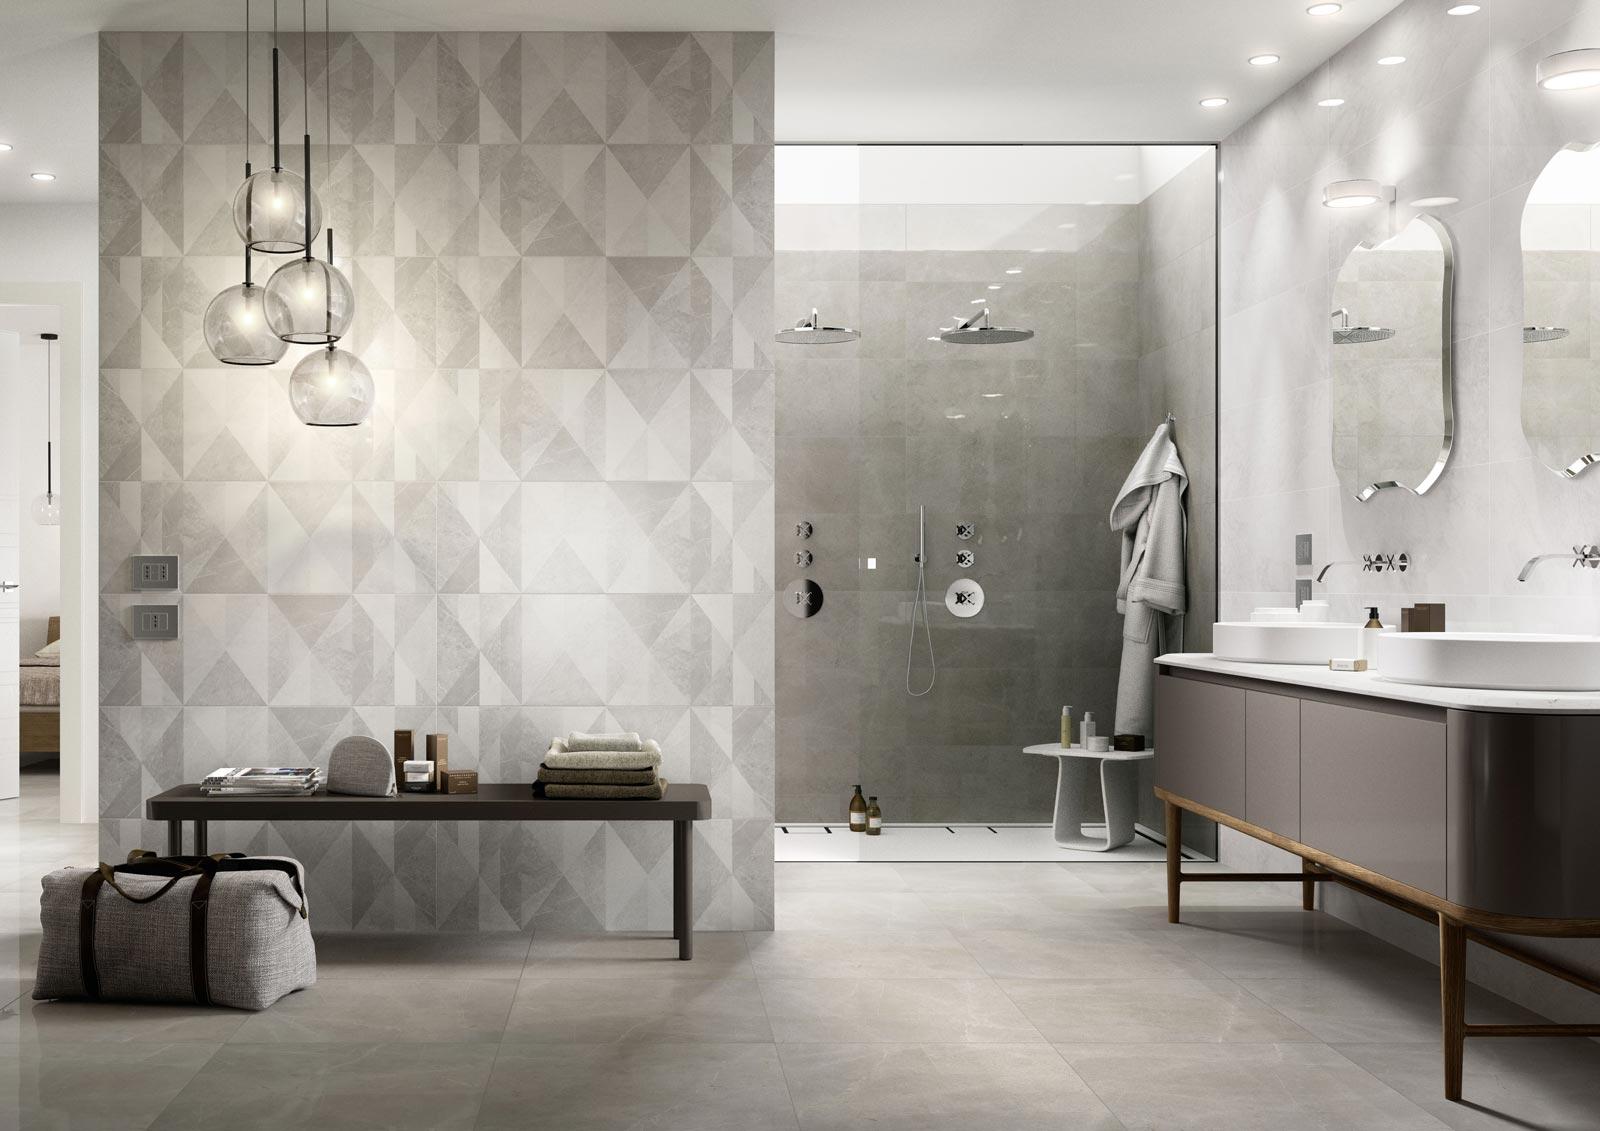 Mattonelle per pavimento bagno bagno piccolo idee e soluzioni